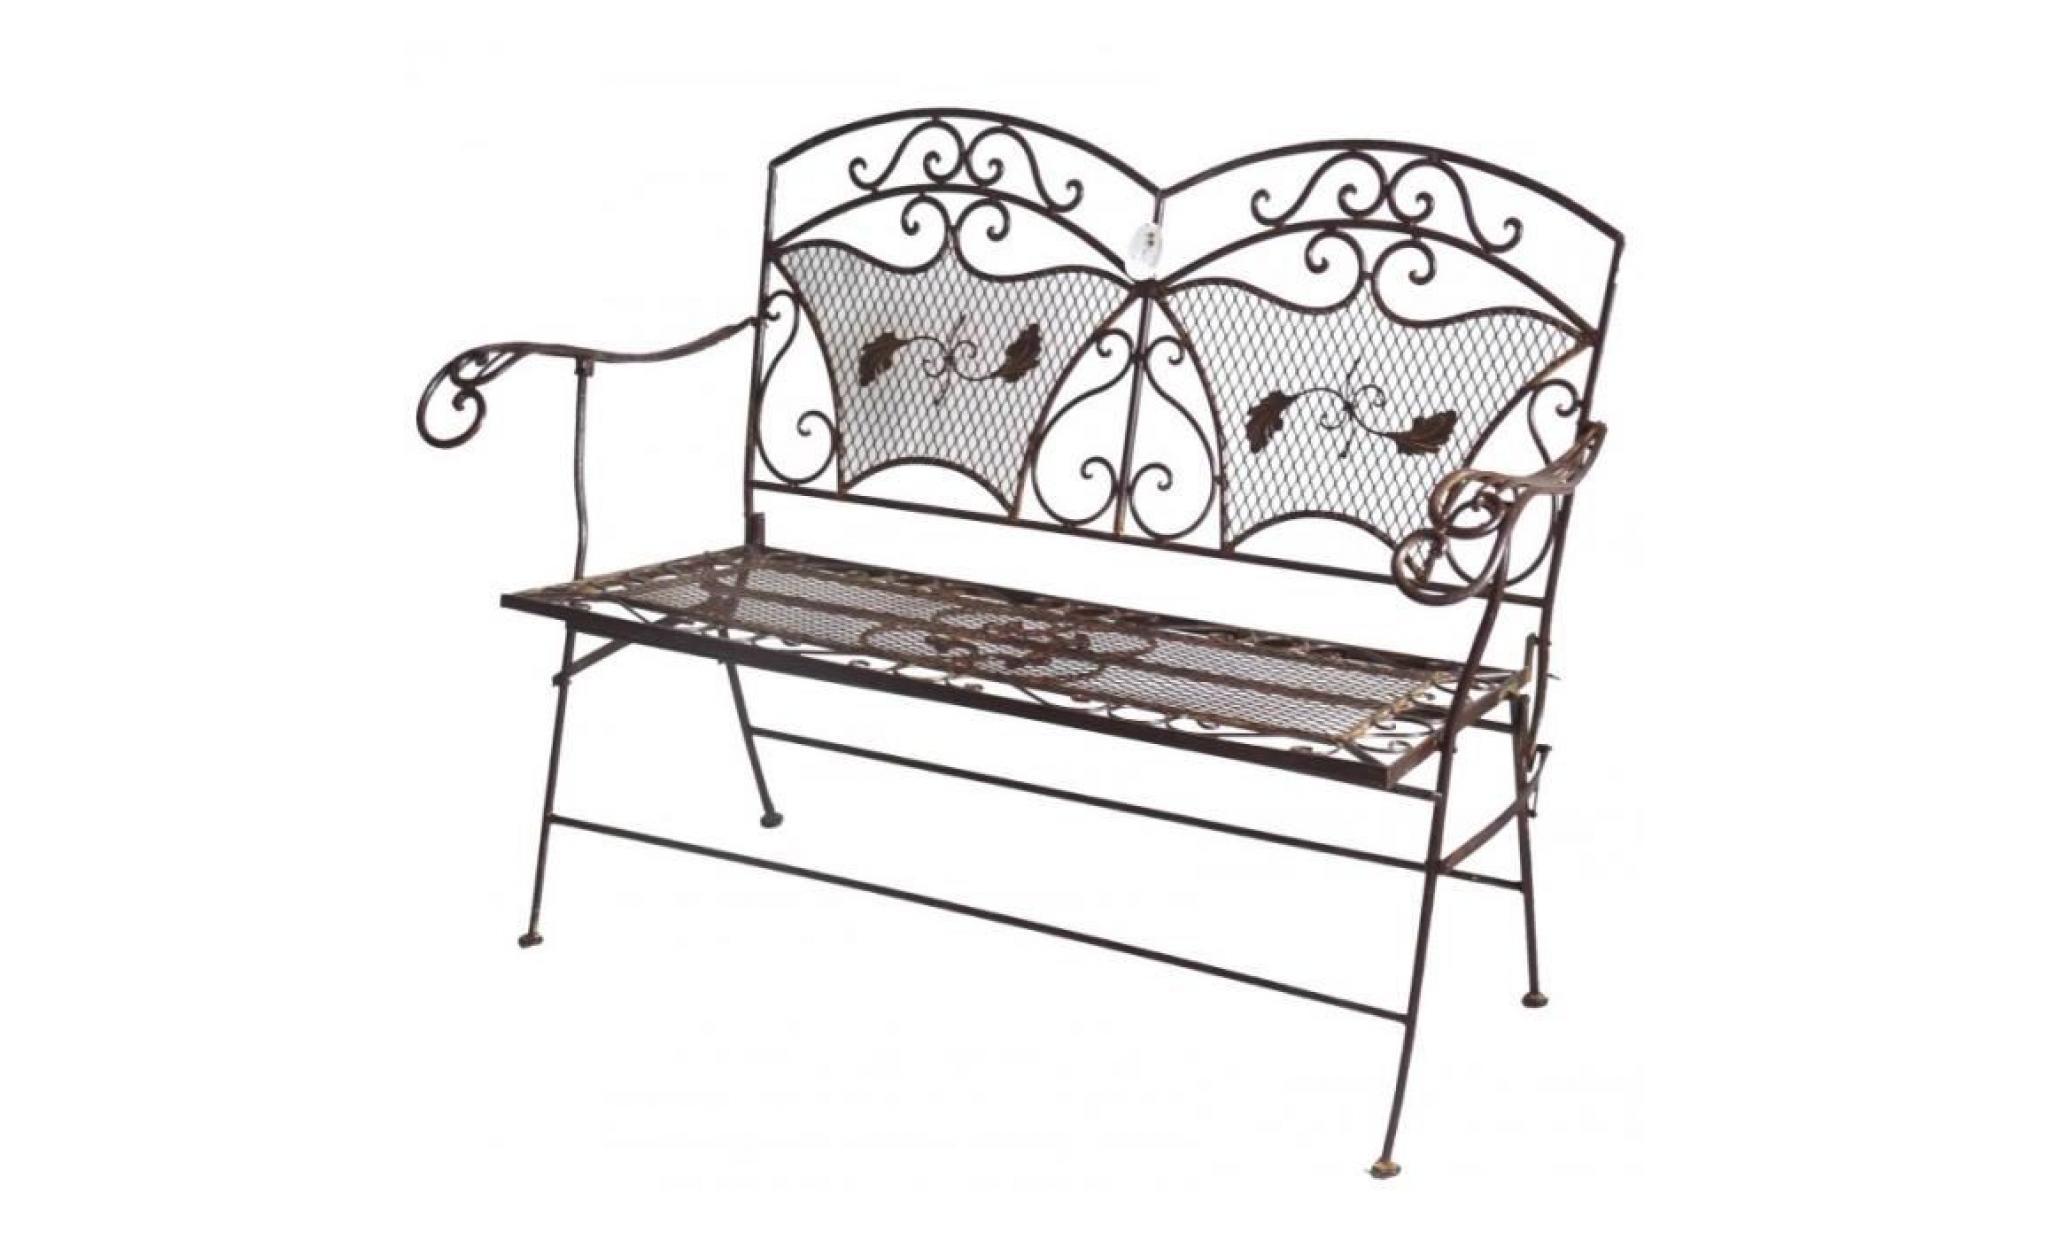 banc banquette fauteuil de jardin exterieur 2 personnes pliable en fer blanc 55x102x109cm achat vente fauteuil de jardin en teck pas cher coindujardin com